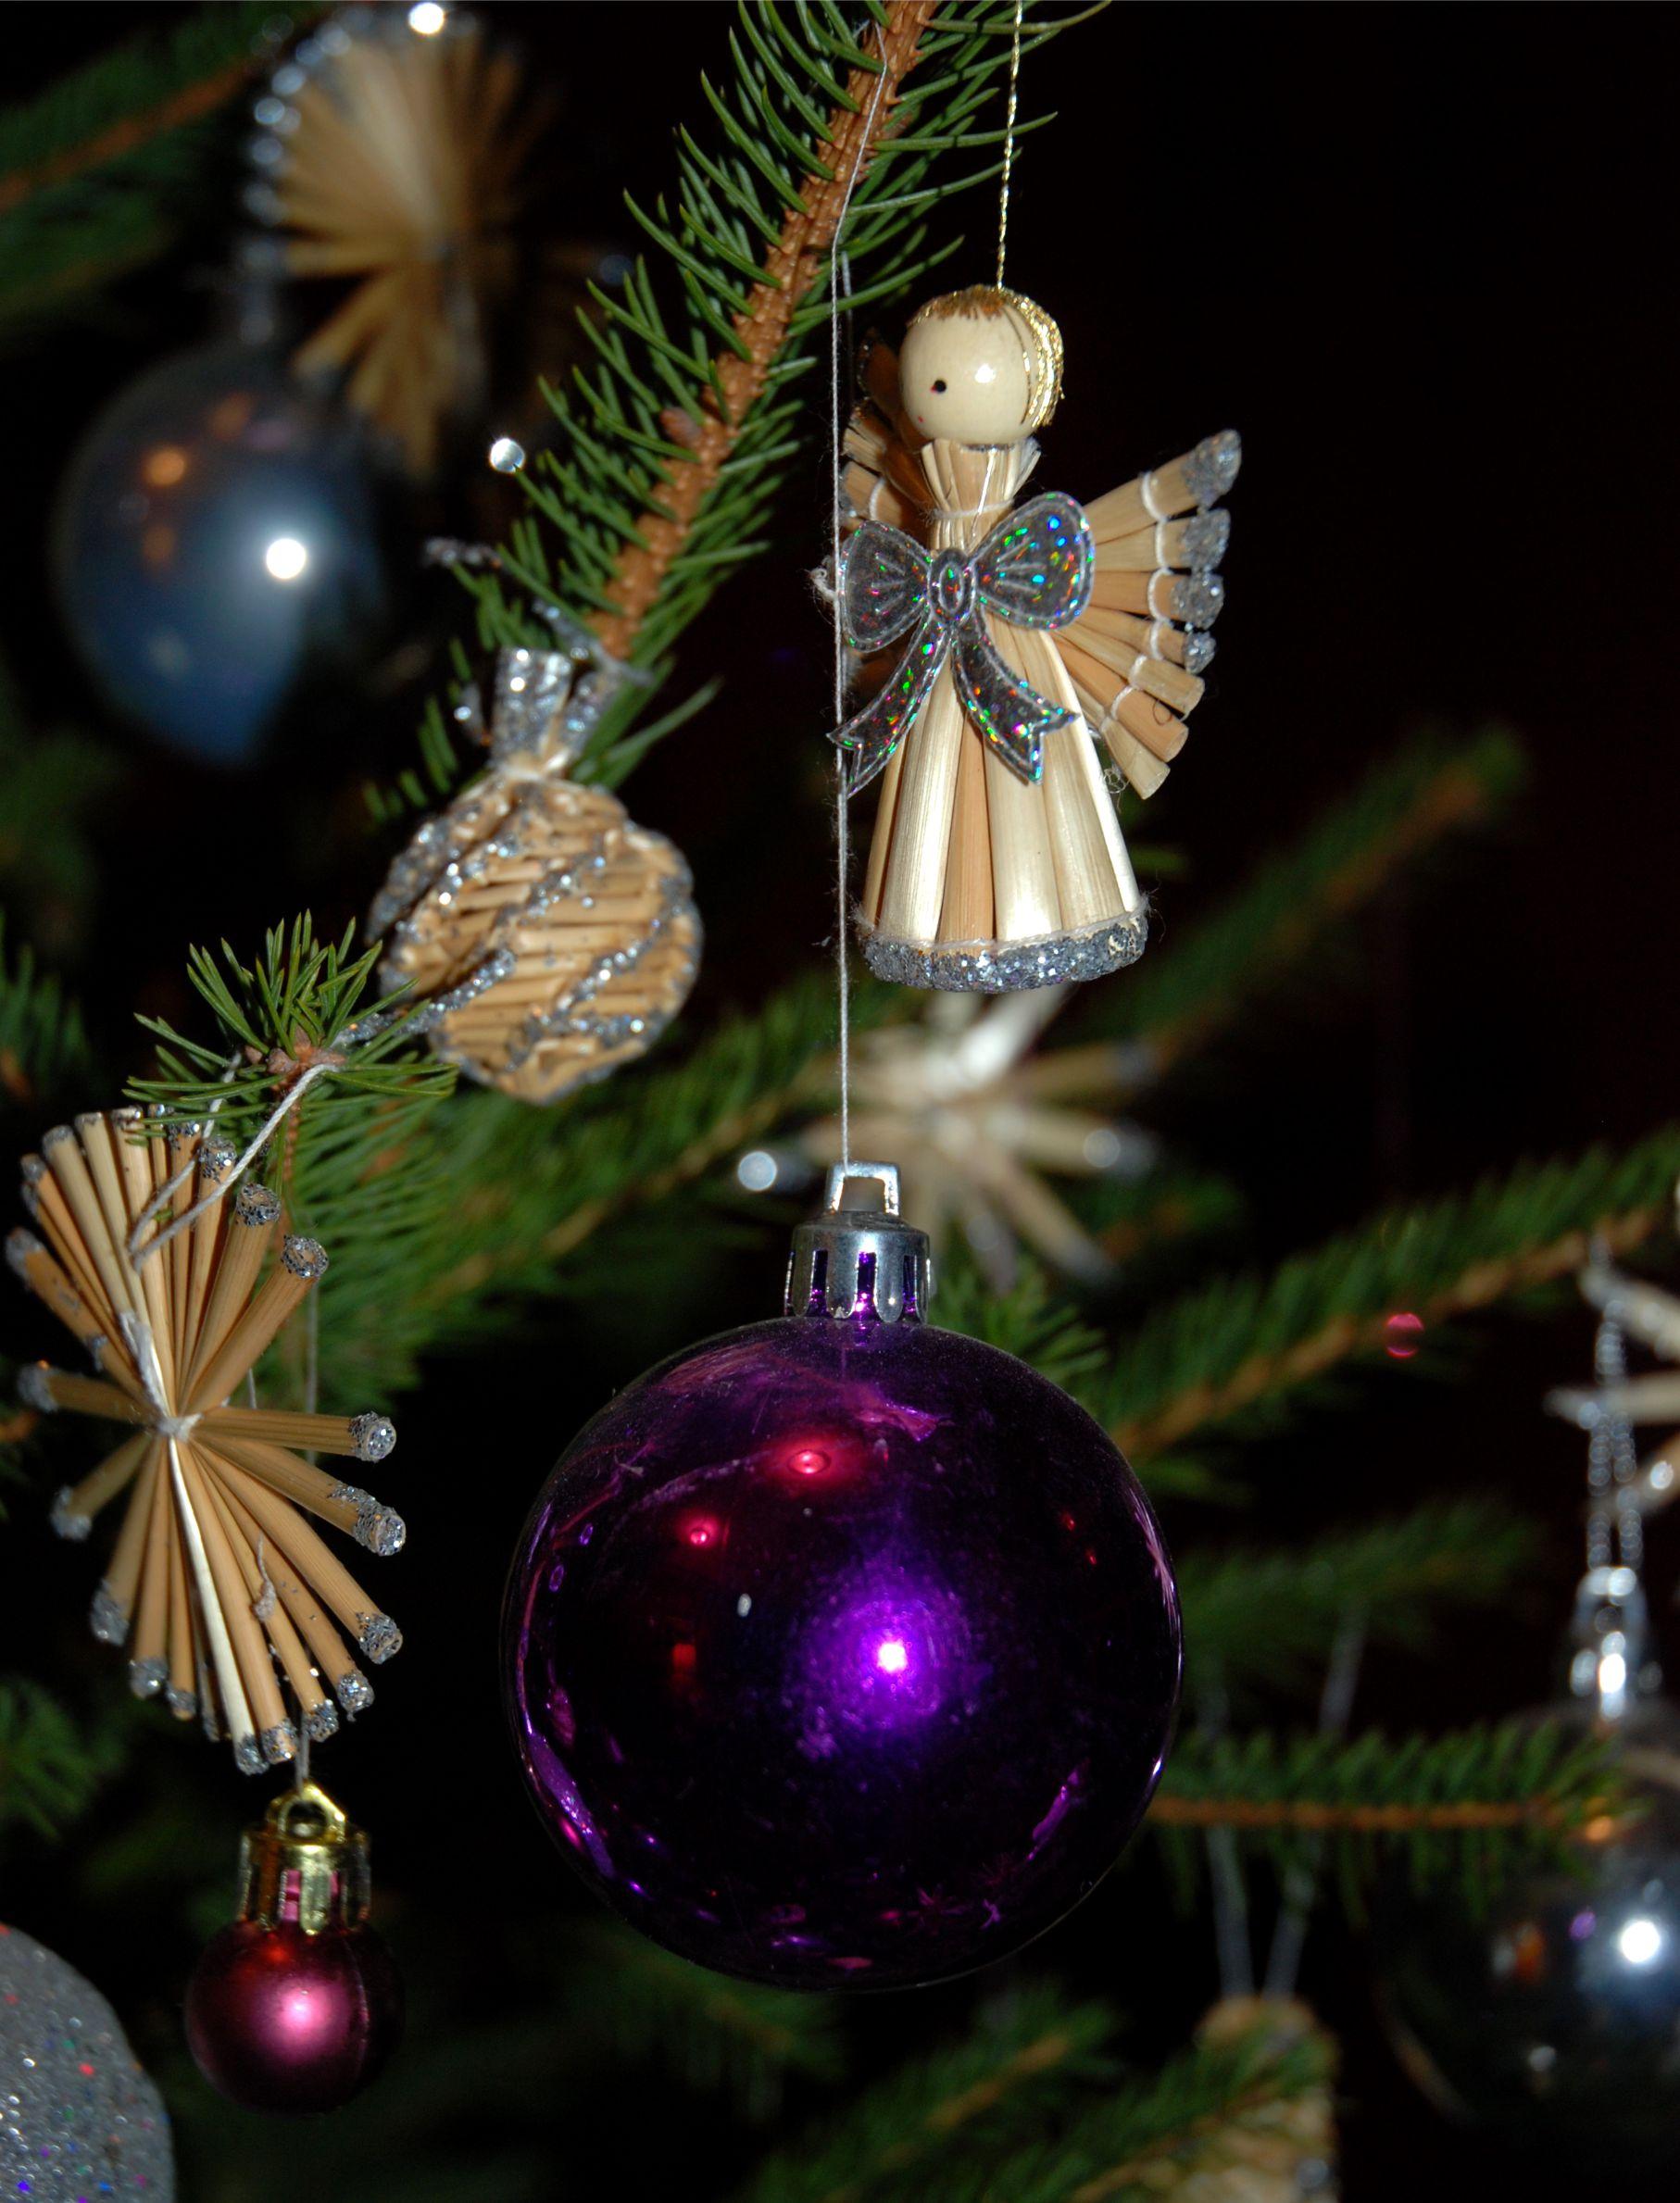 A szép dekoráció nem oldja meg a családi problémákat, de hozzájárul, hogy egy boldog családban szebb legyen az ünnep